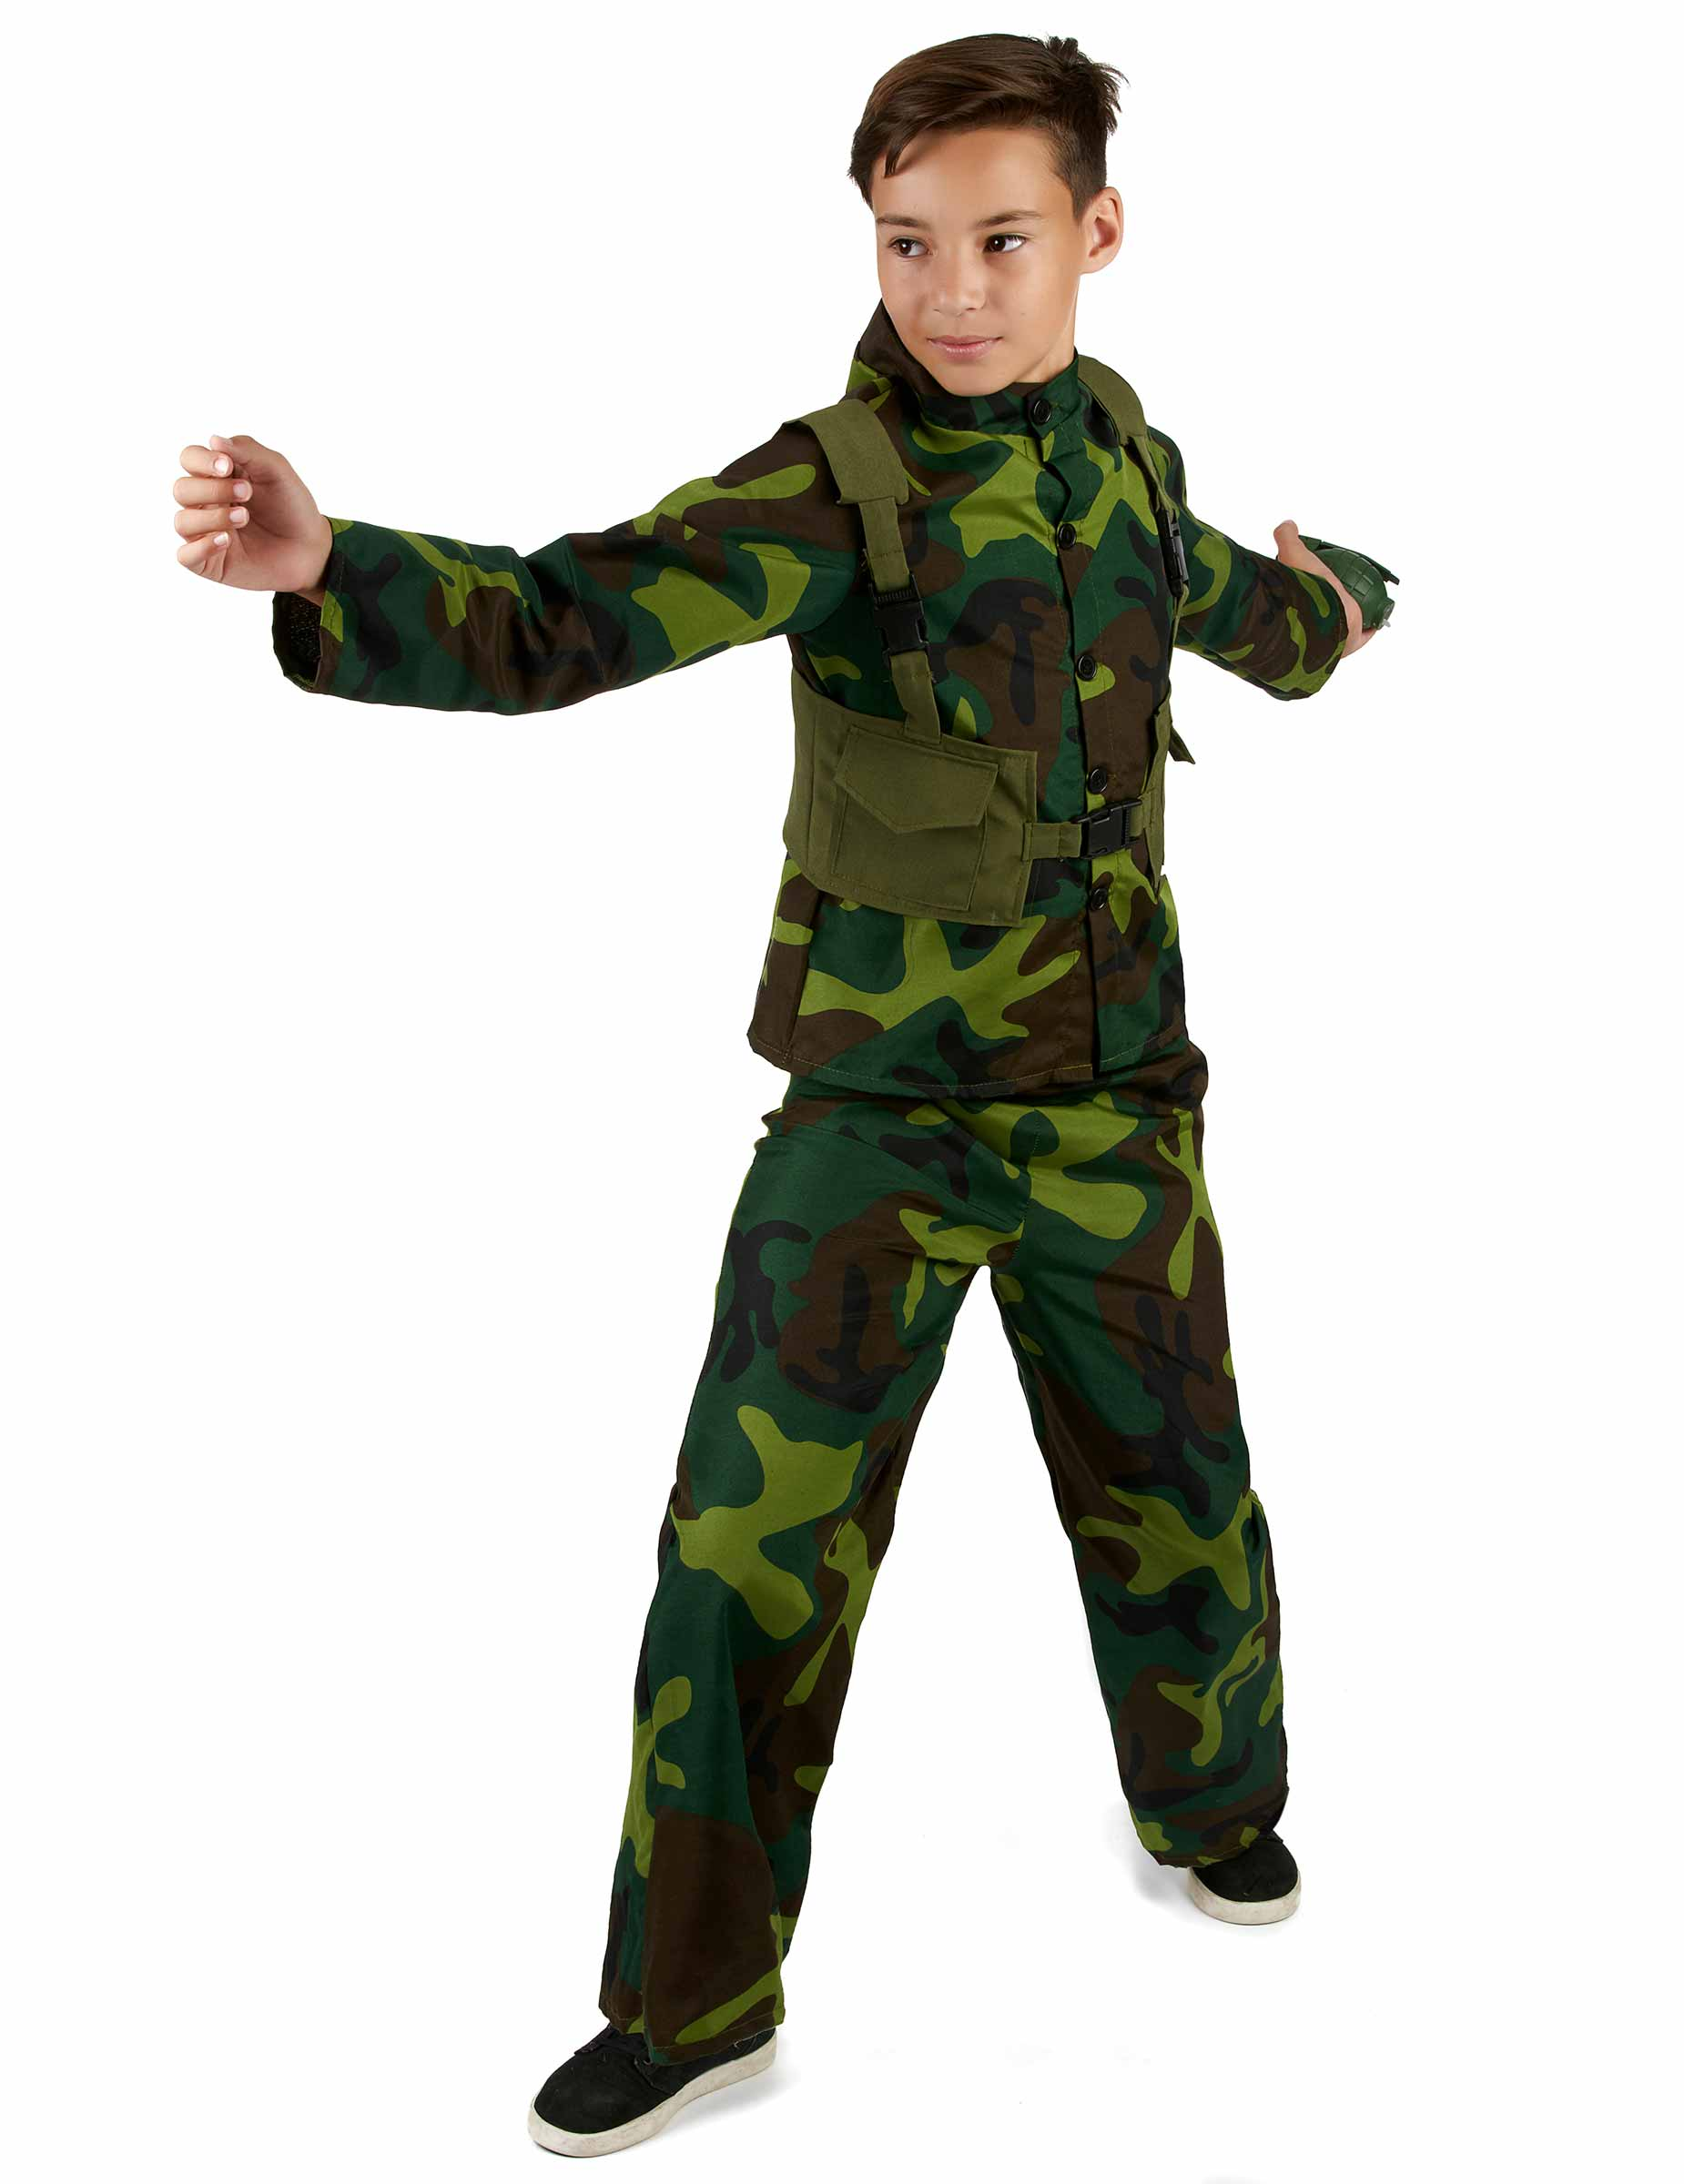 Déguisement de Militaire garçon   Deguise-toi, achat de Déguisements ... 08dcee33a84f